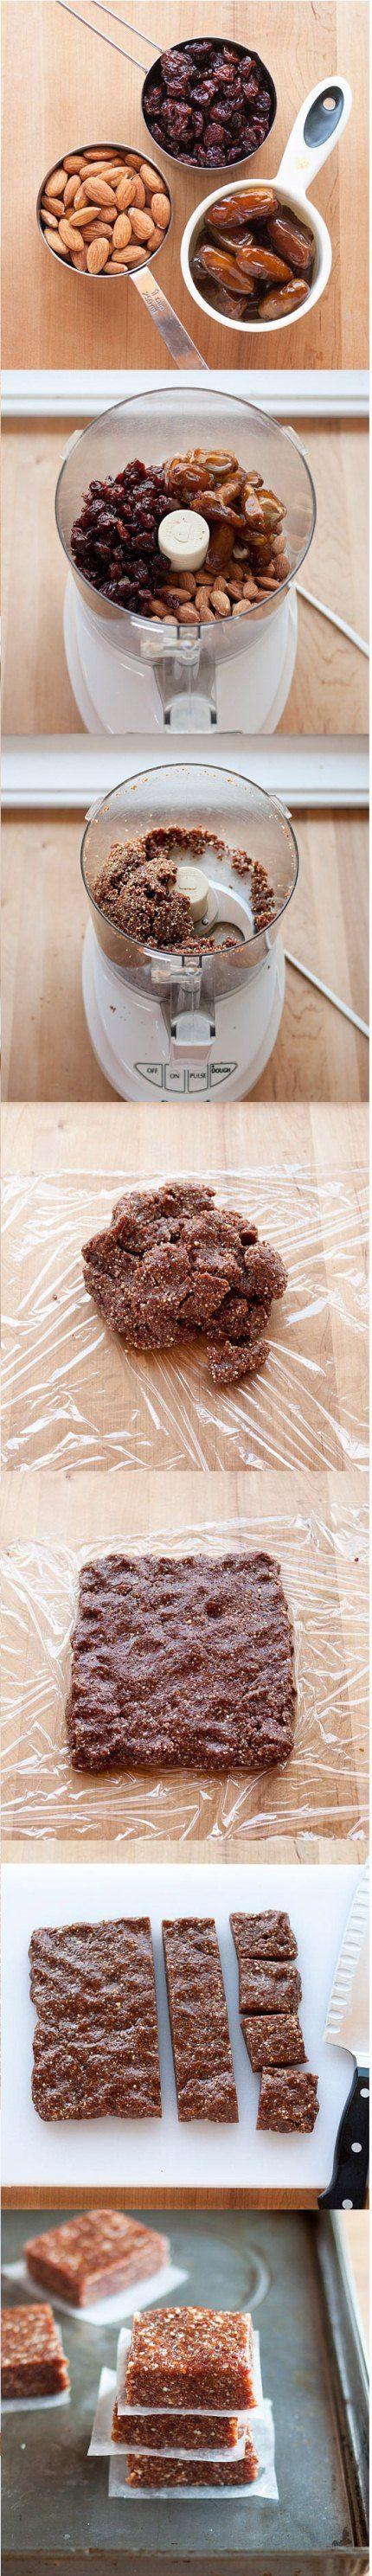 Jednostavni i zdravi deserti: Napravite odlične energetske pločice sa samo tri sastojka